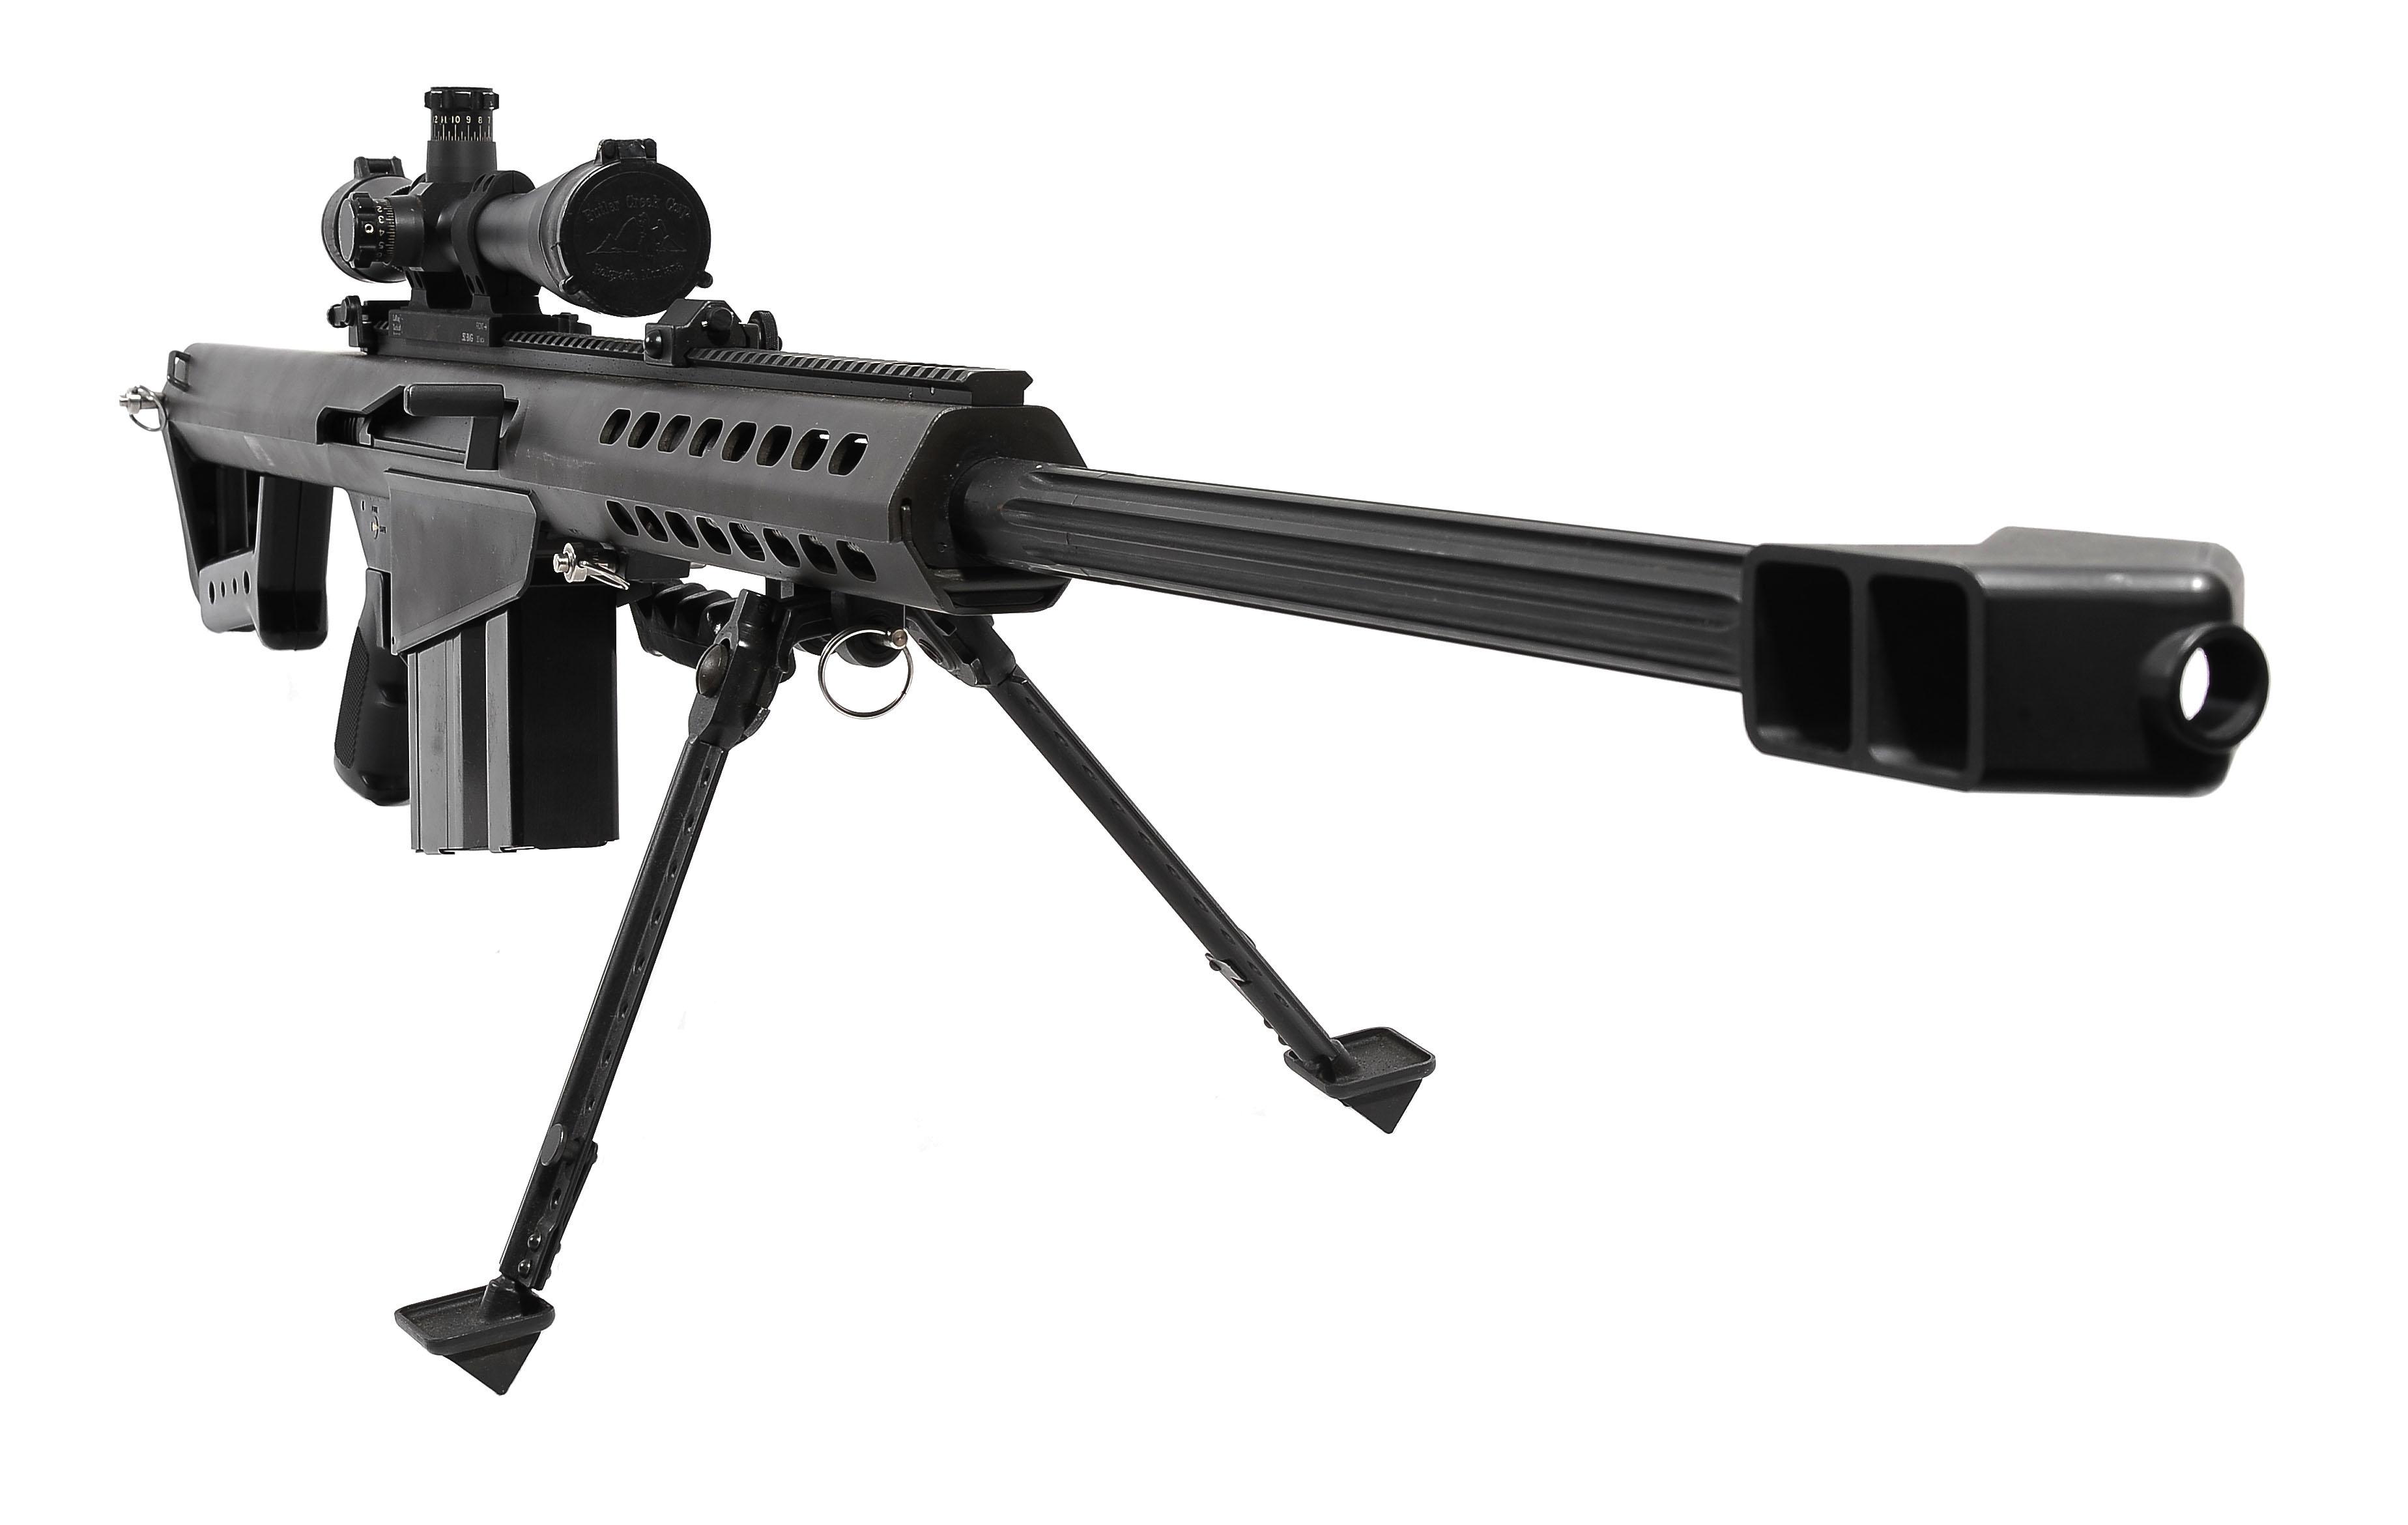 снайперская винтовка беретта